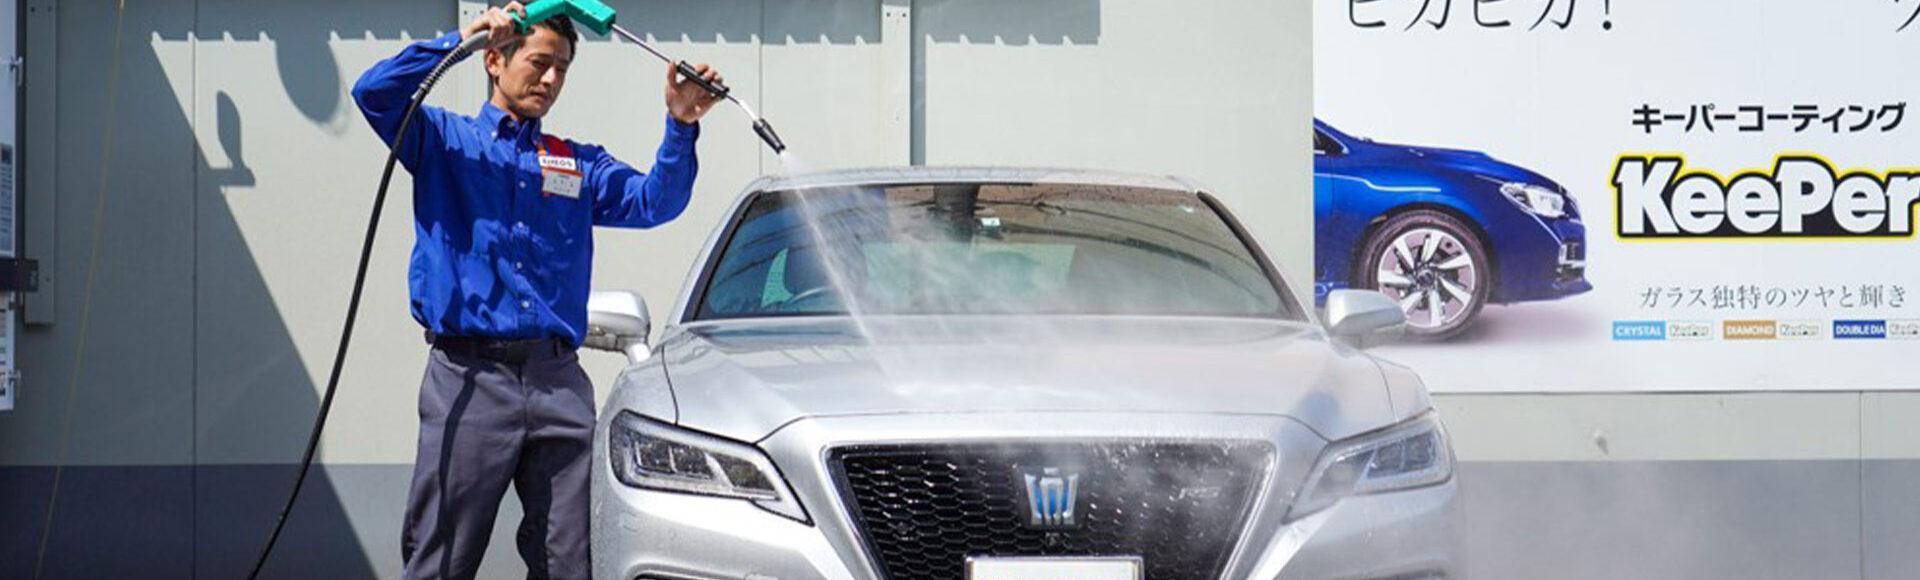 愛車に新車以上のツヤと輝きをカーケアのことならなんでもご相談ください。KeePer1級資格保有者多数在籍しています。